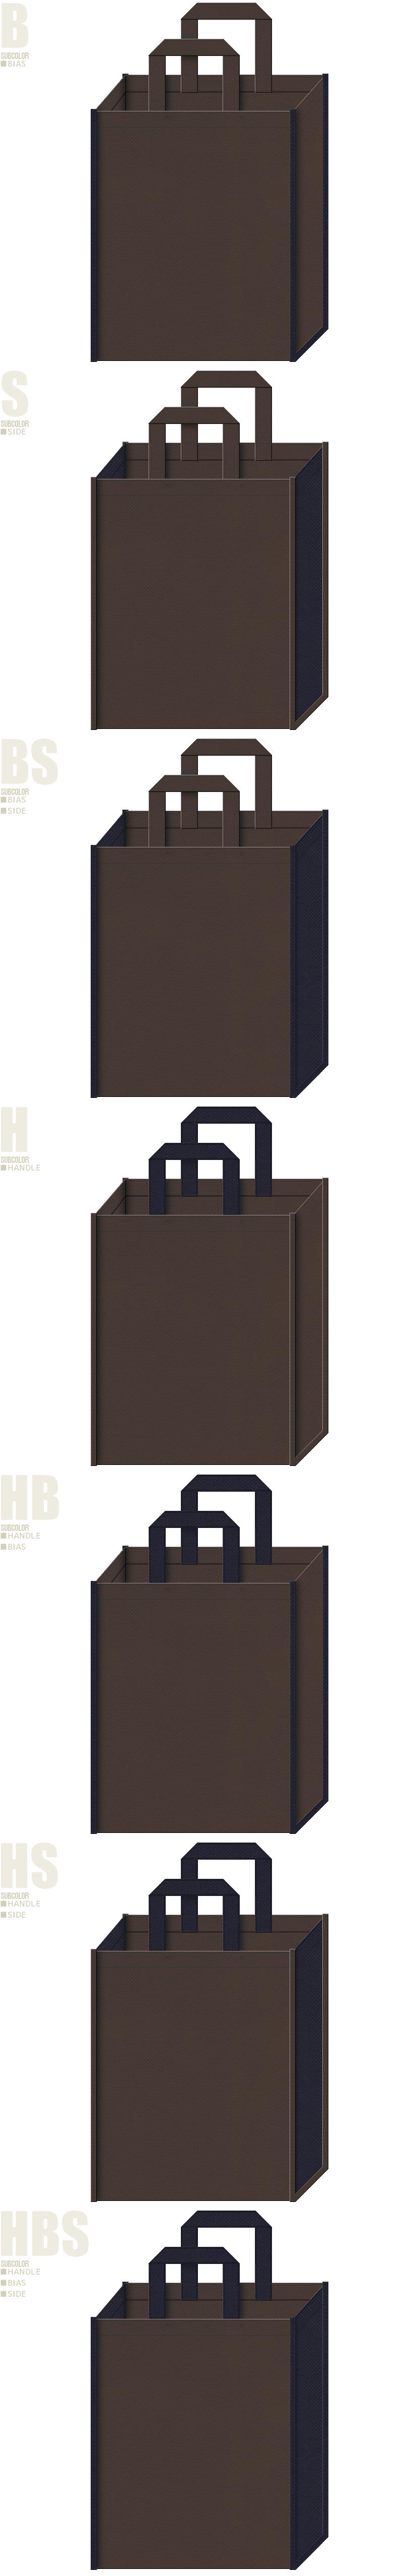 秋冬ファッション・メンズファッション・デニム・ウェスタン・革製品・アクセサリー・廃屋・地下牢・迷路・ホラー・ミステリー・アクションゲーム・シューティングゲーム・対戦型格闘ゲーム・ゲームイベント・ゲームの展示会用バッグにお奨めの不織布バッグデザイン:こげ茶色と濃紺色の配色7パターン